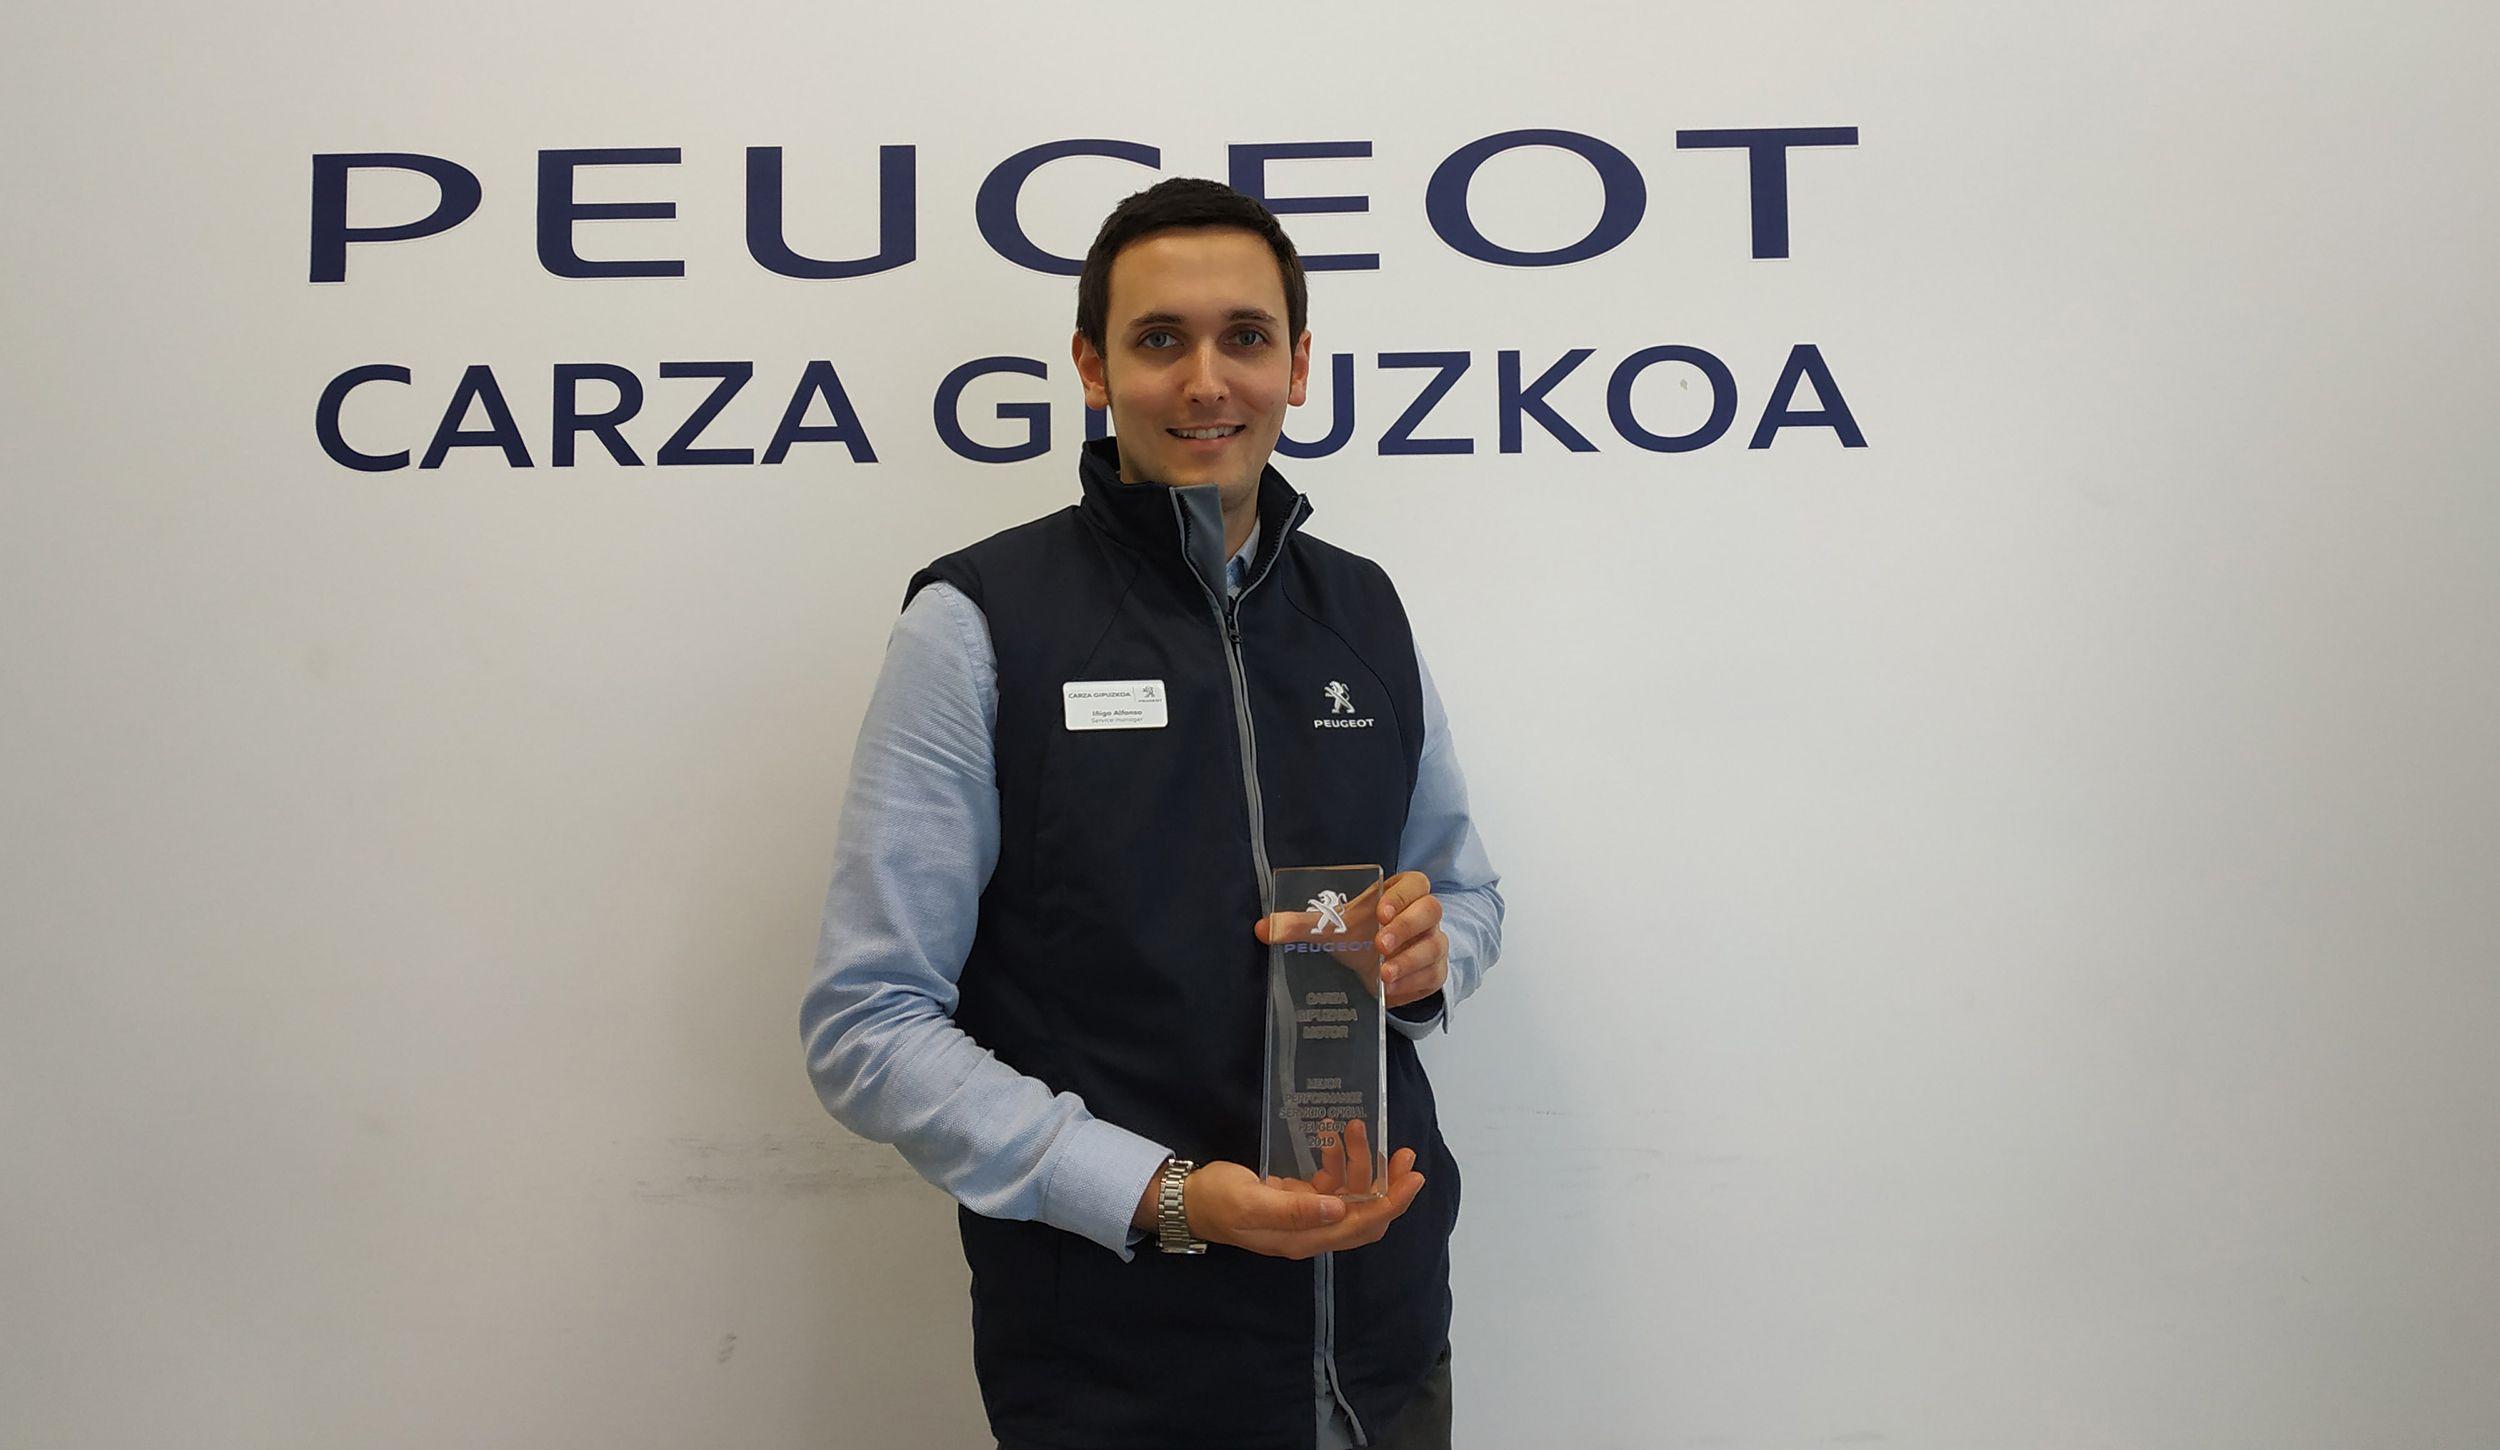 Peugeot reconoce a Carza Gipuzkoa con el premio a Mejor Performance 2019